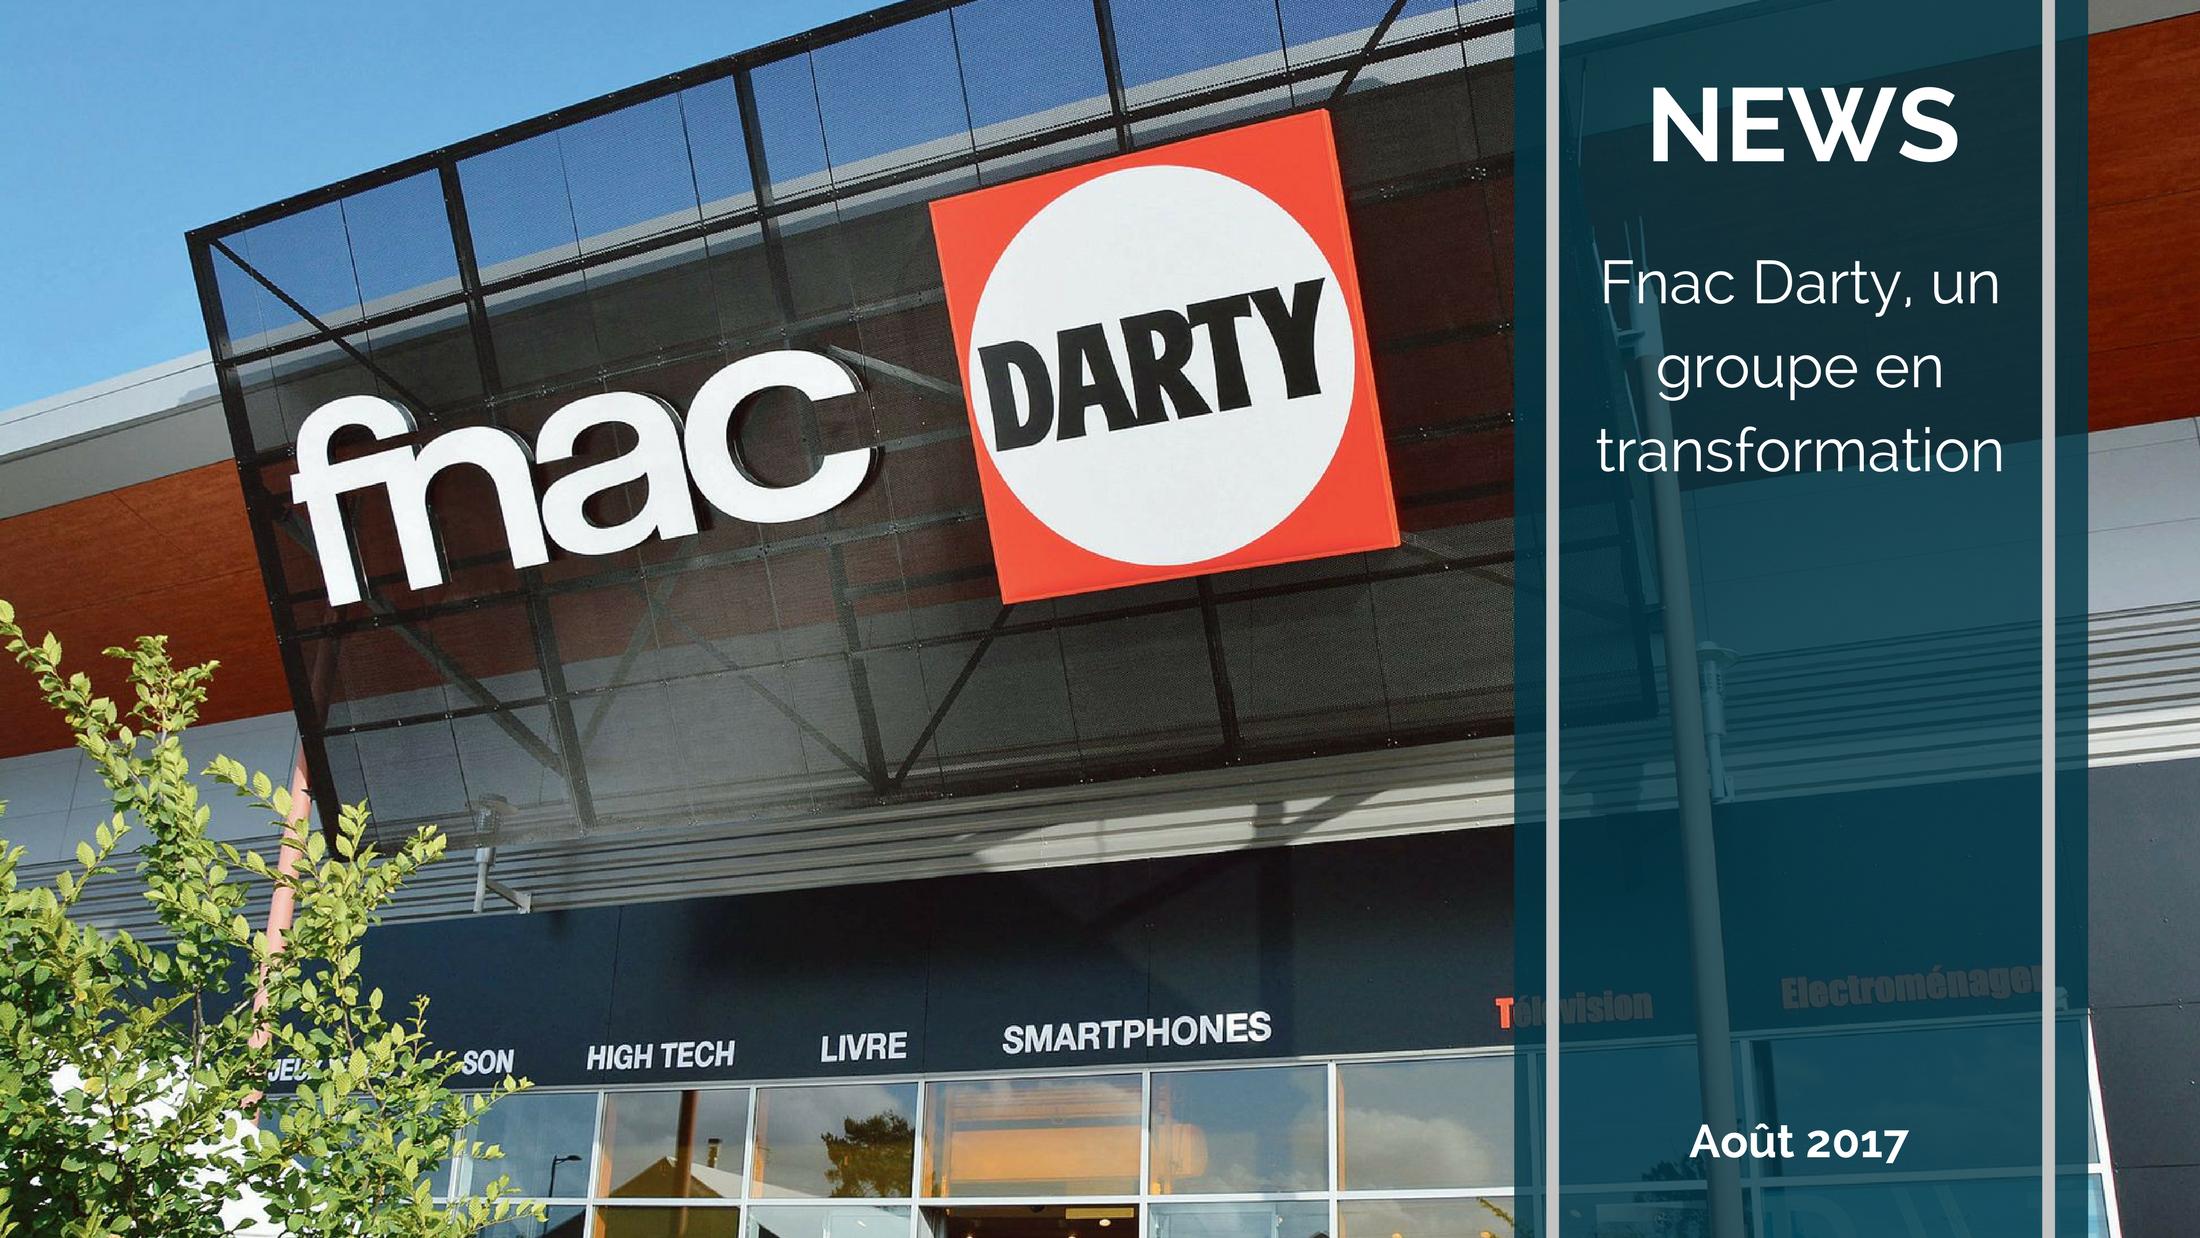 Trends News 18 - Fnac-Darty, un groupe en transformation